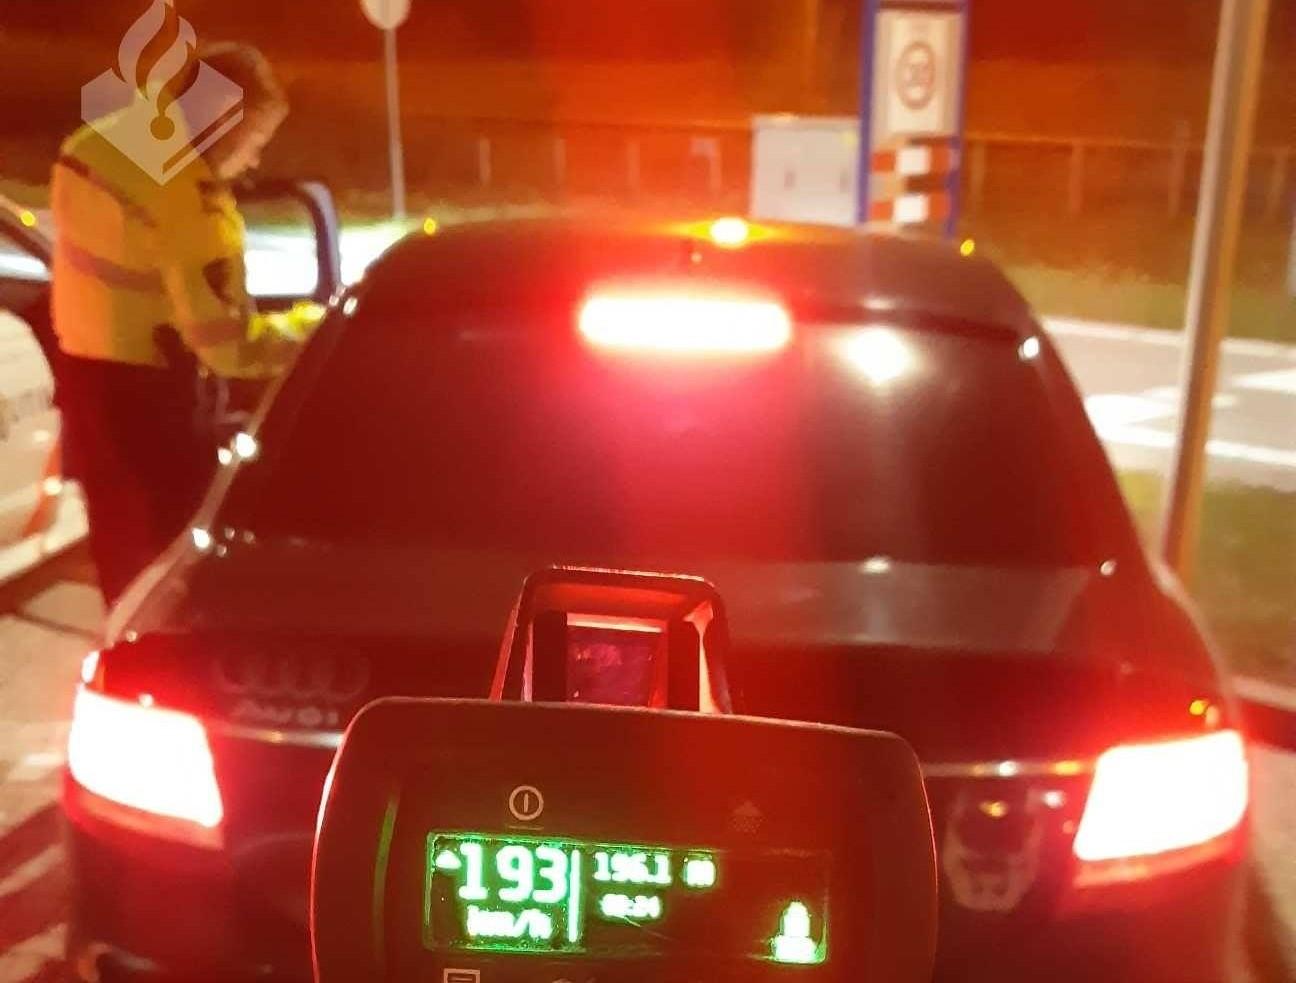 Weer snelheidsduivel van de A4 geplukt